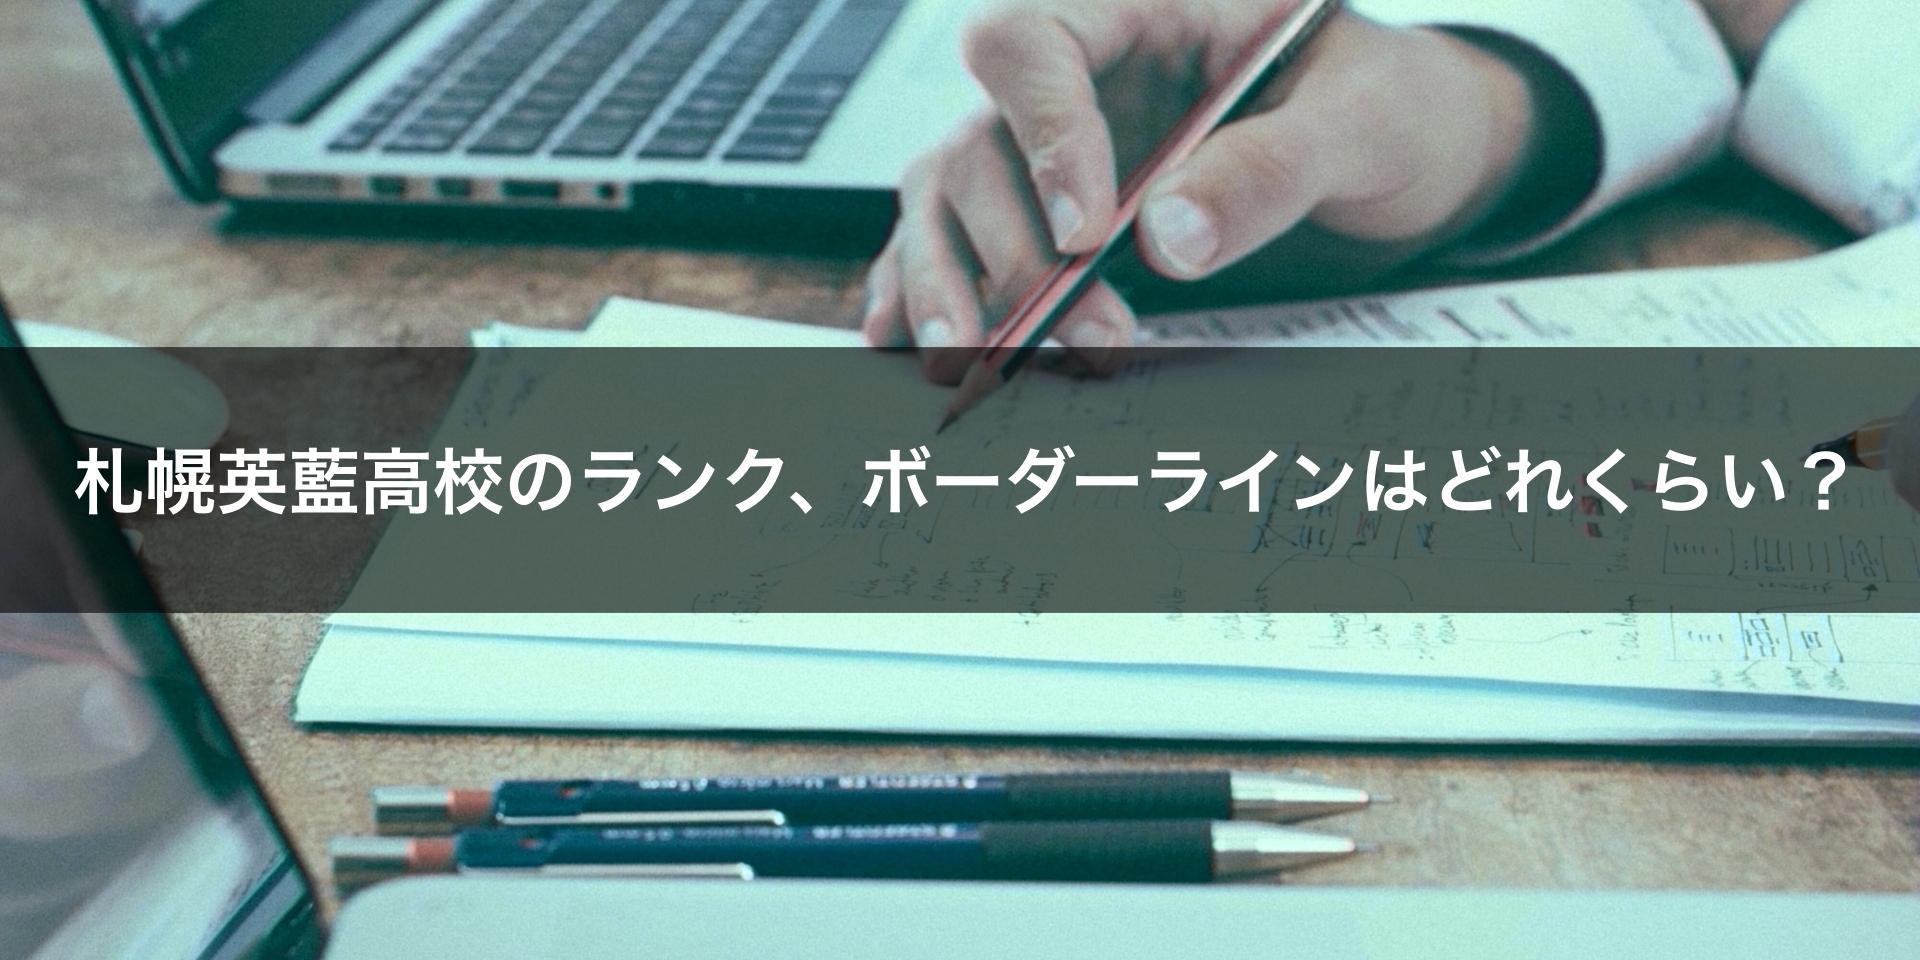 札幌英藍高校のランク、ボーダーラインはどれくらい?